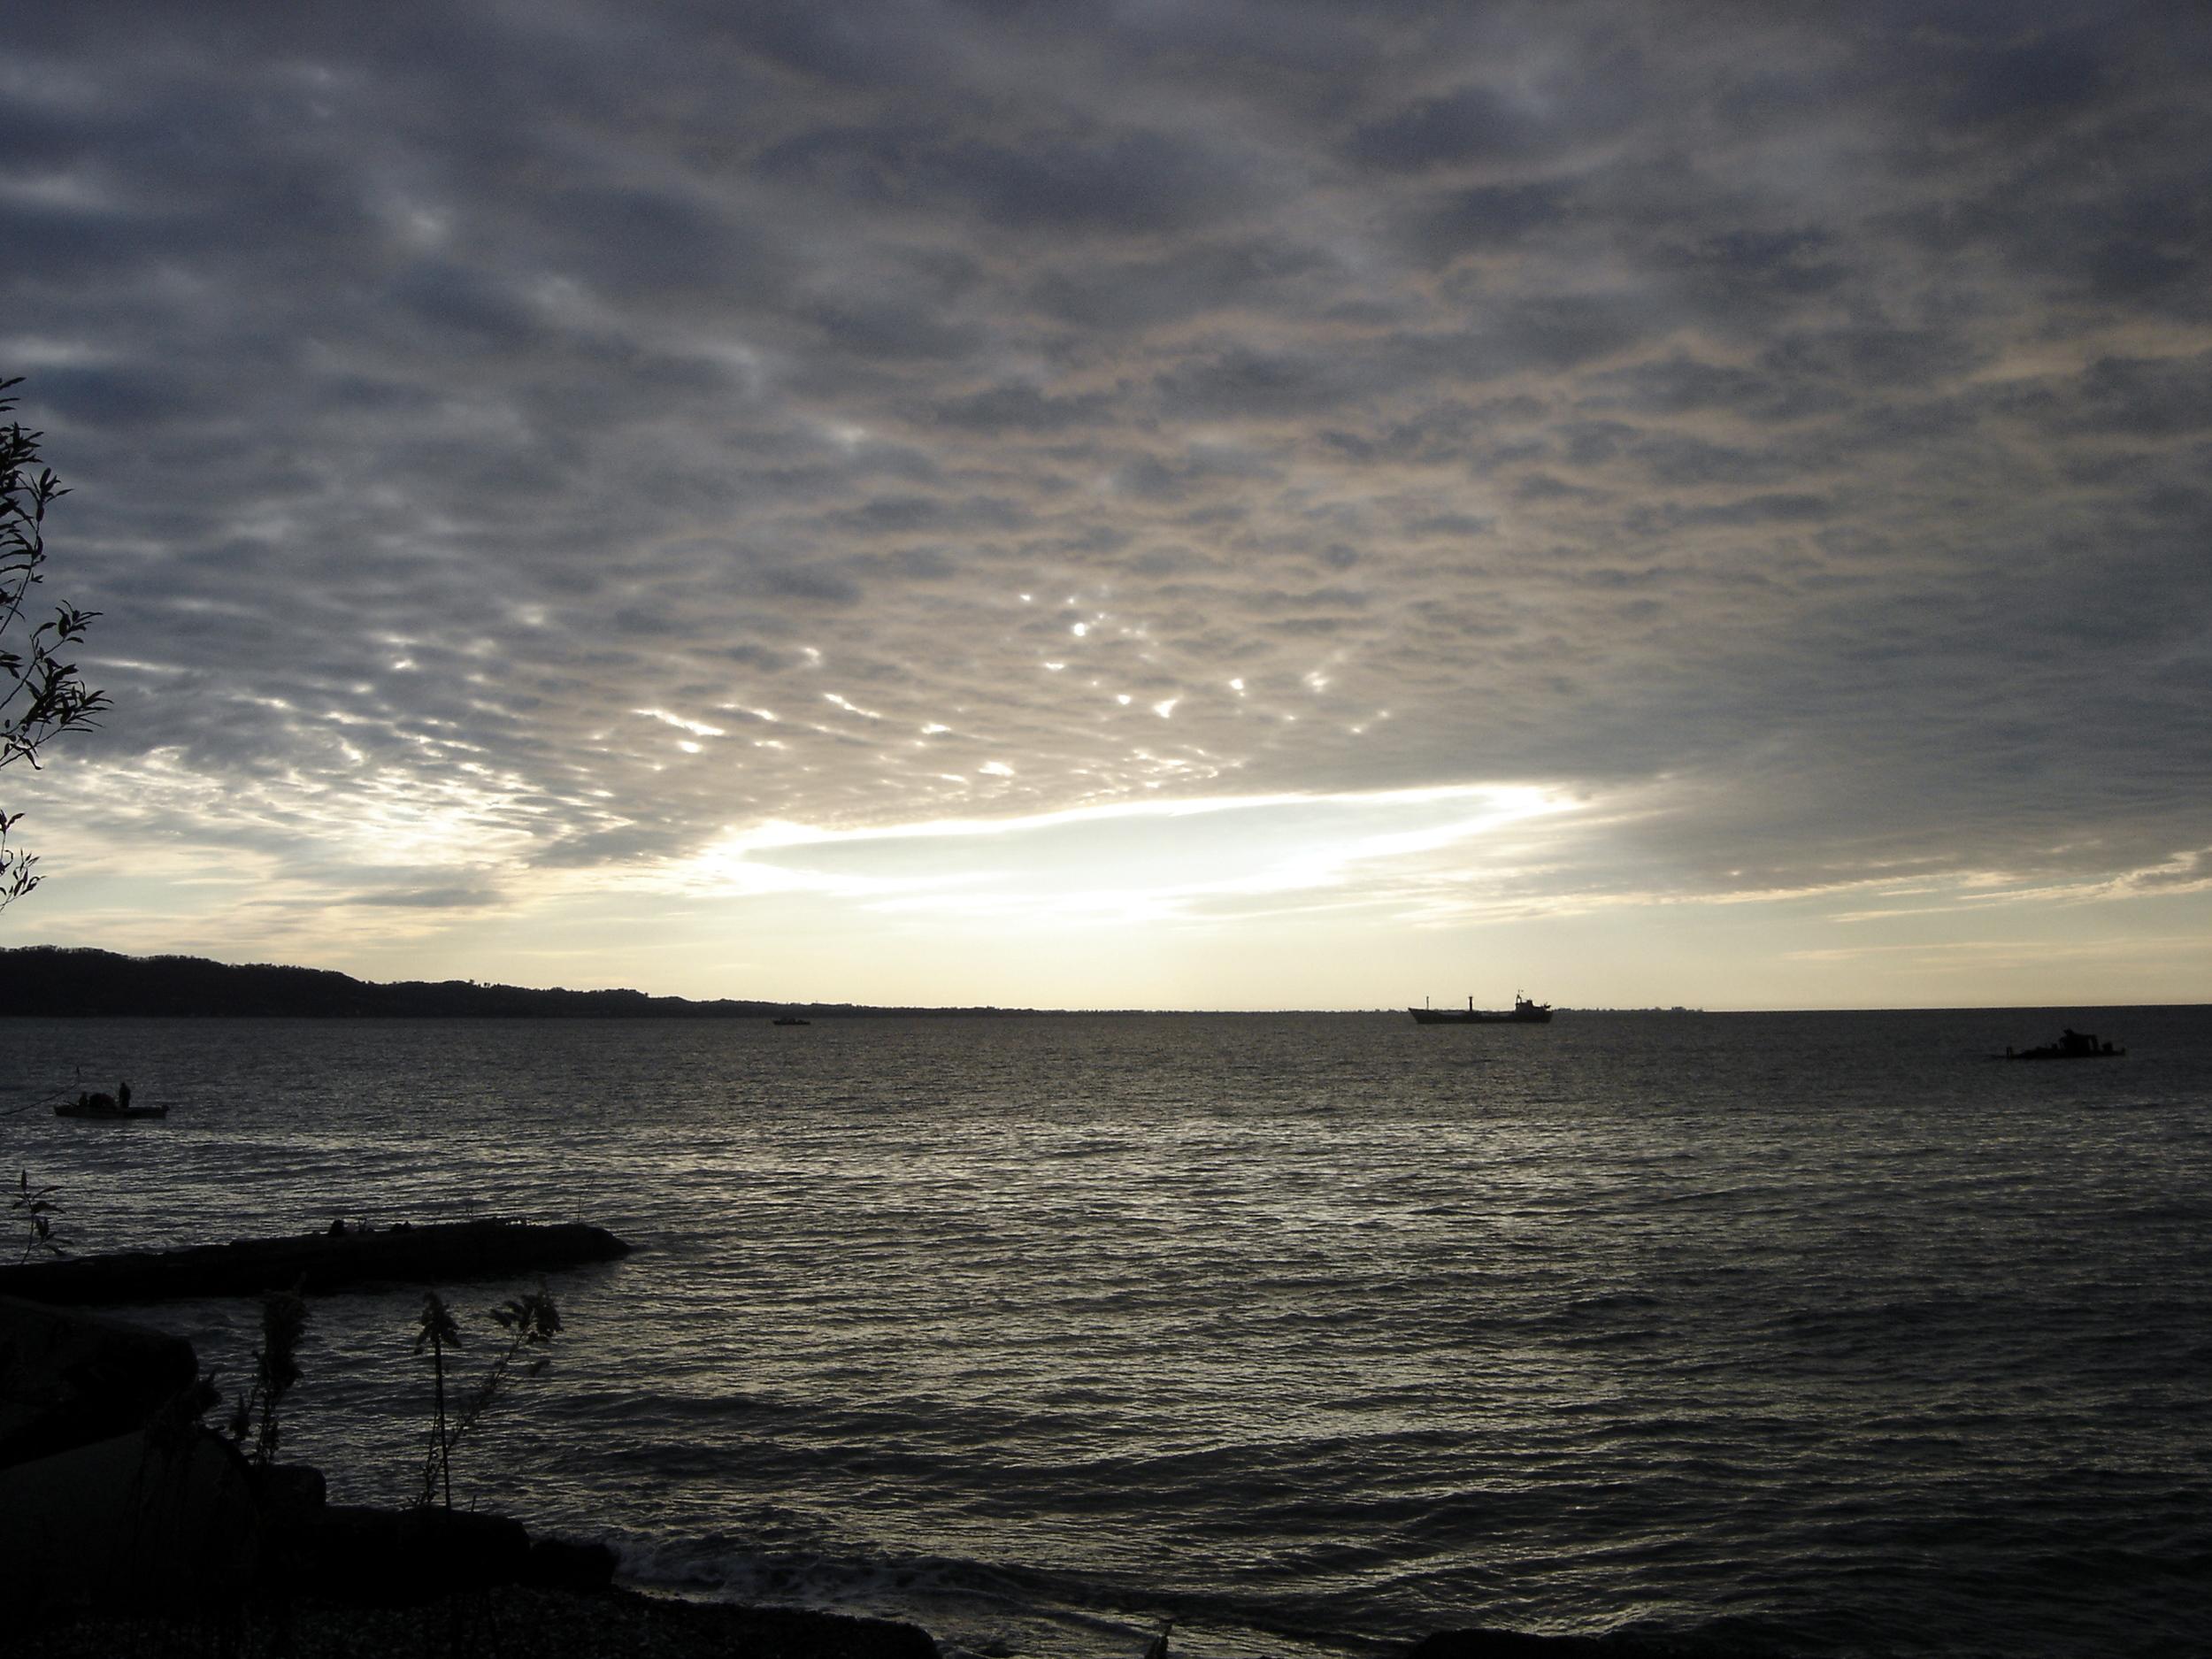 Sunrise over the Black Sea in Sukhumi, Abkhazia.